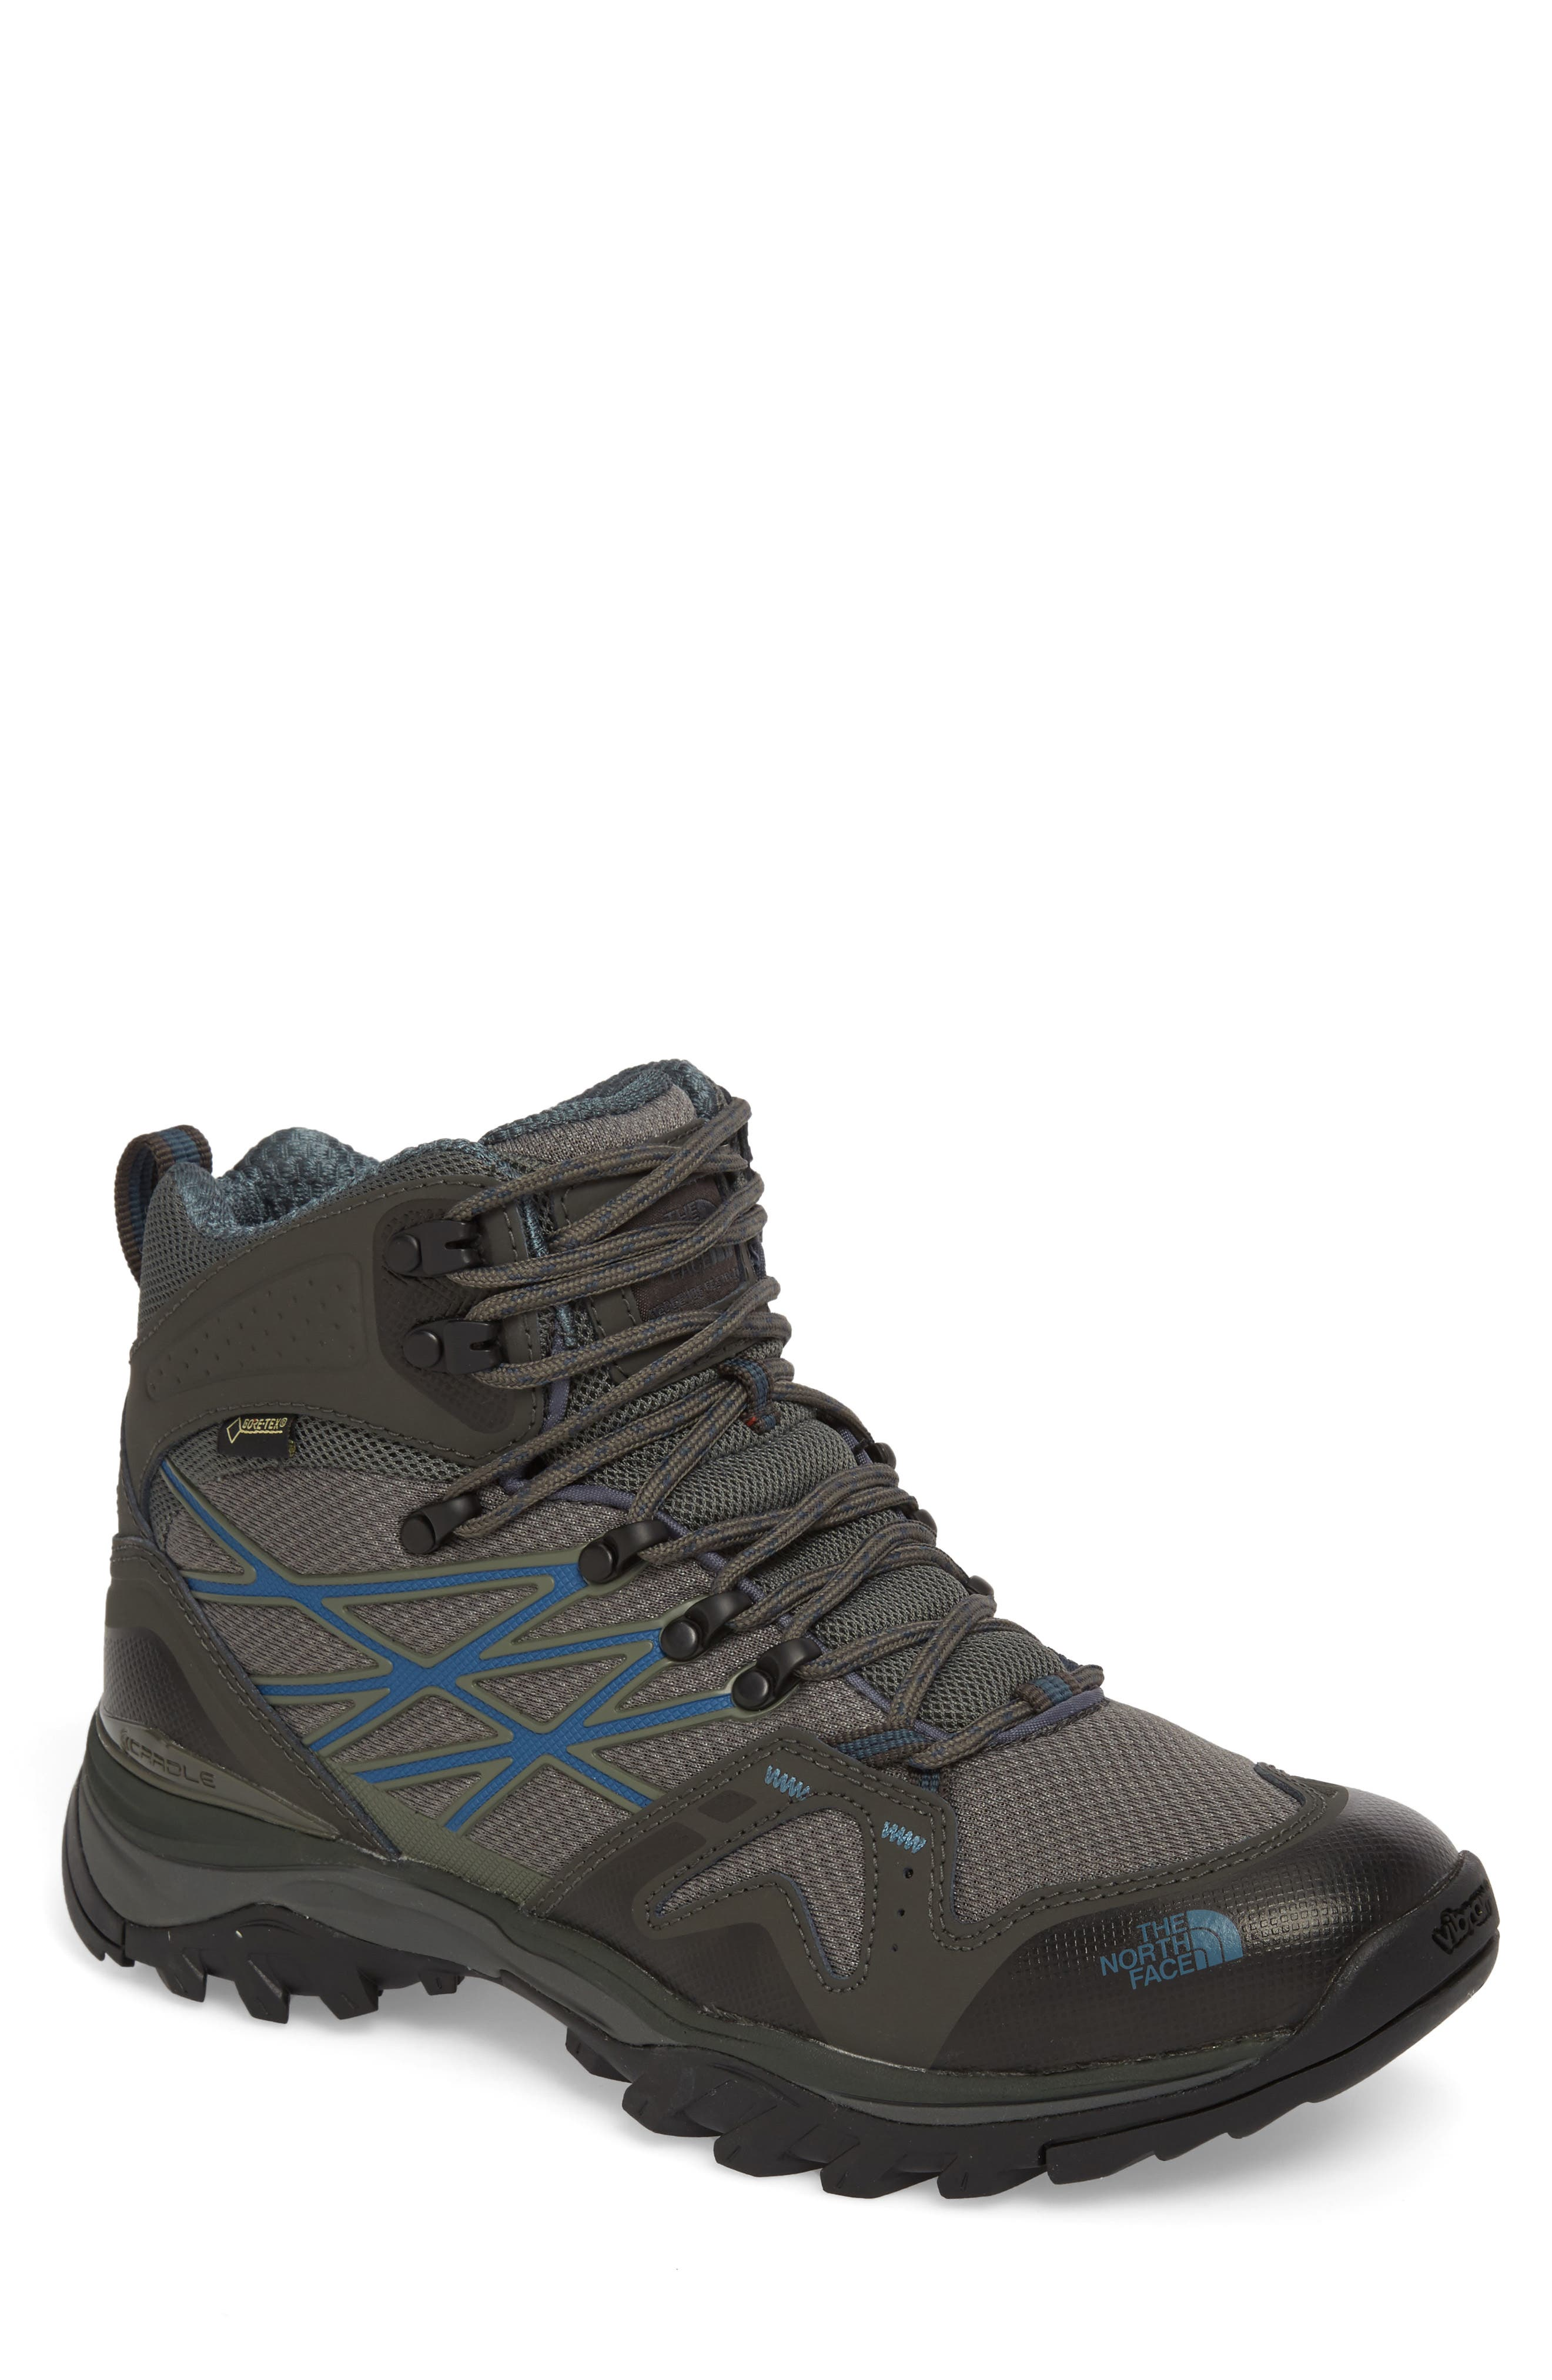 Hedgehog Fastpack Mid Gore-Tex<sup>®</sup> Waterproof Hiking Shoe,                         Main,                         color, 020